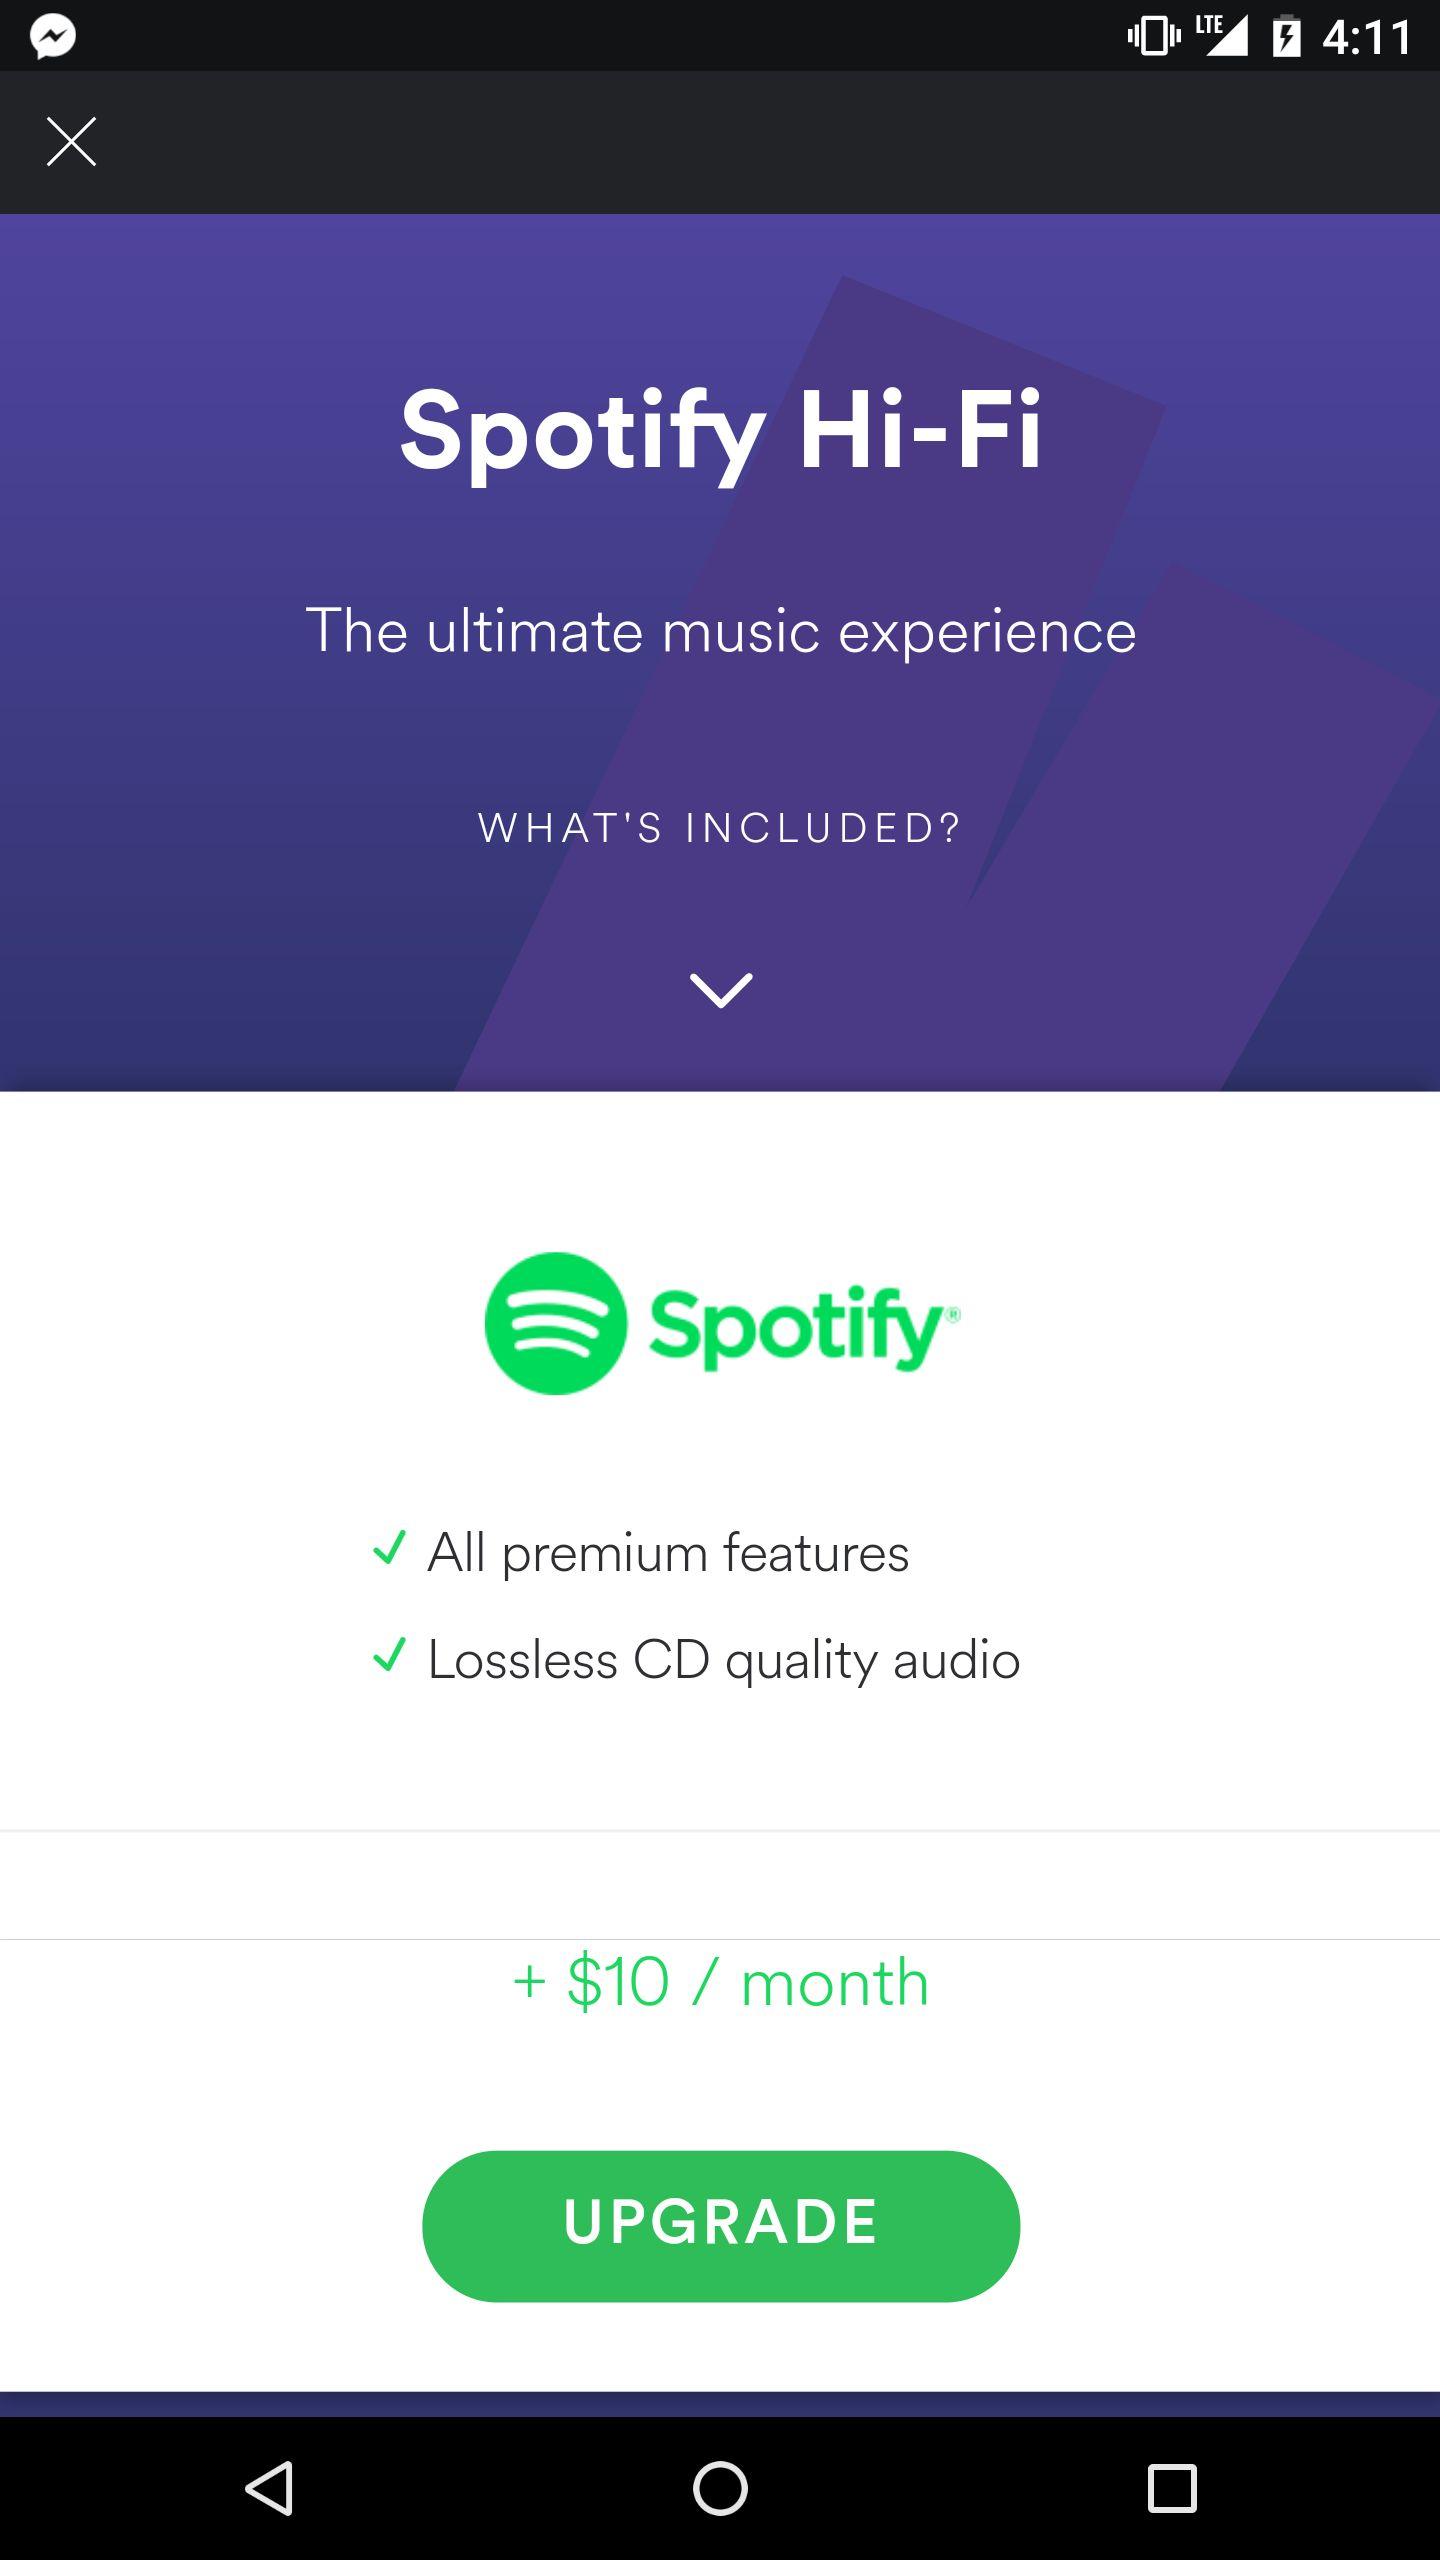 Dette bildet ble lagt ut på Reddit, og ser ut til å bevise at Spotify planlegger et Hi-Fi-tilbud.